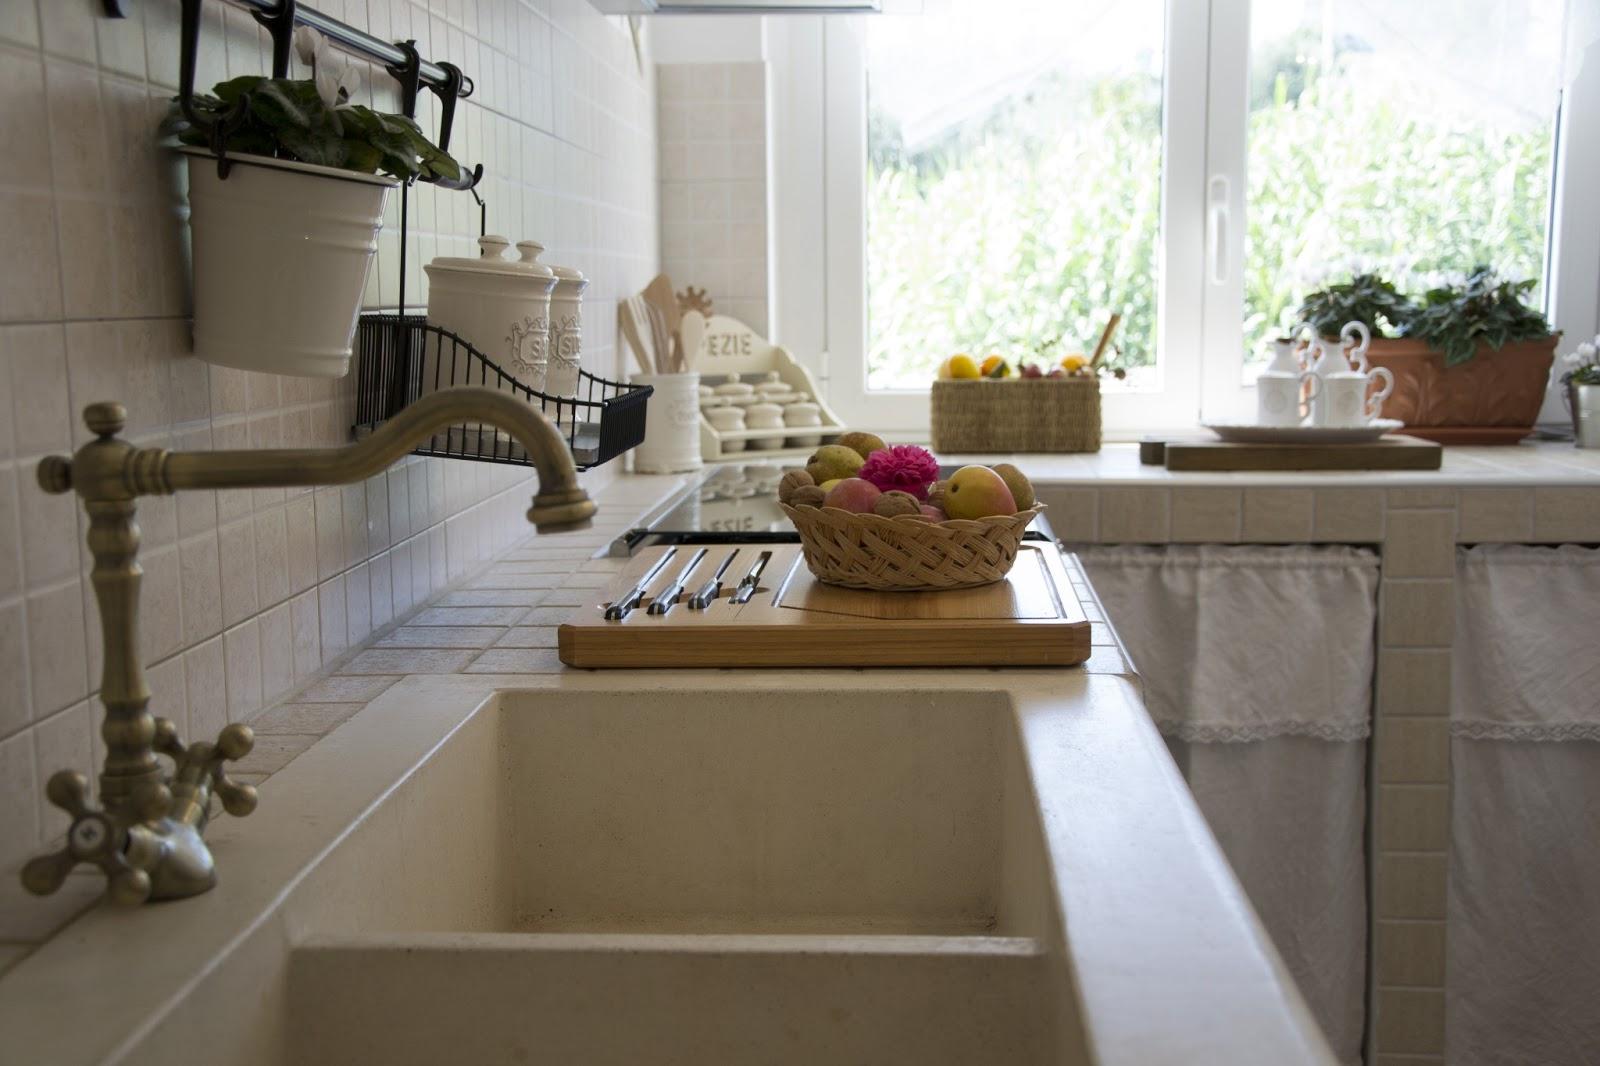 Shabbychiclife tour della mia casa parte ii - Cucina shabby chic ...